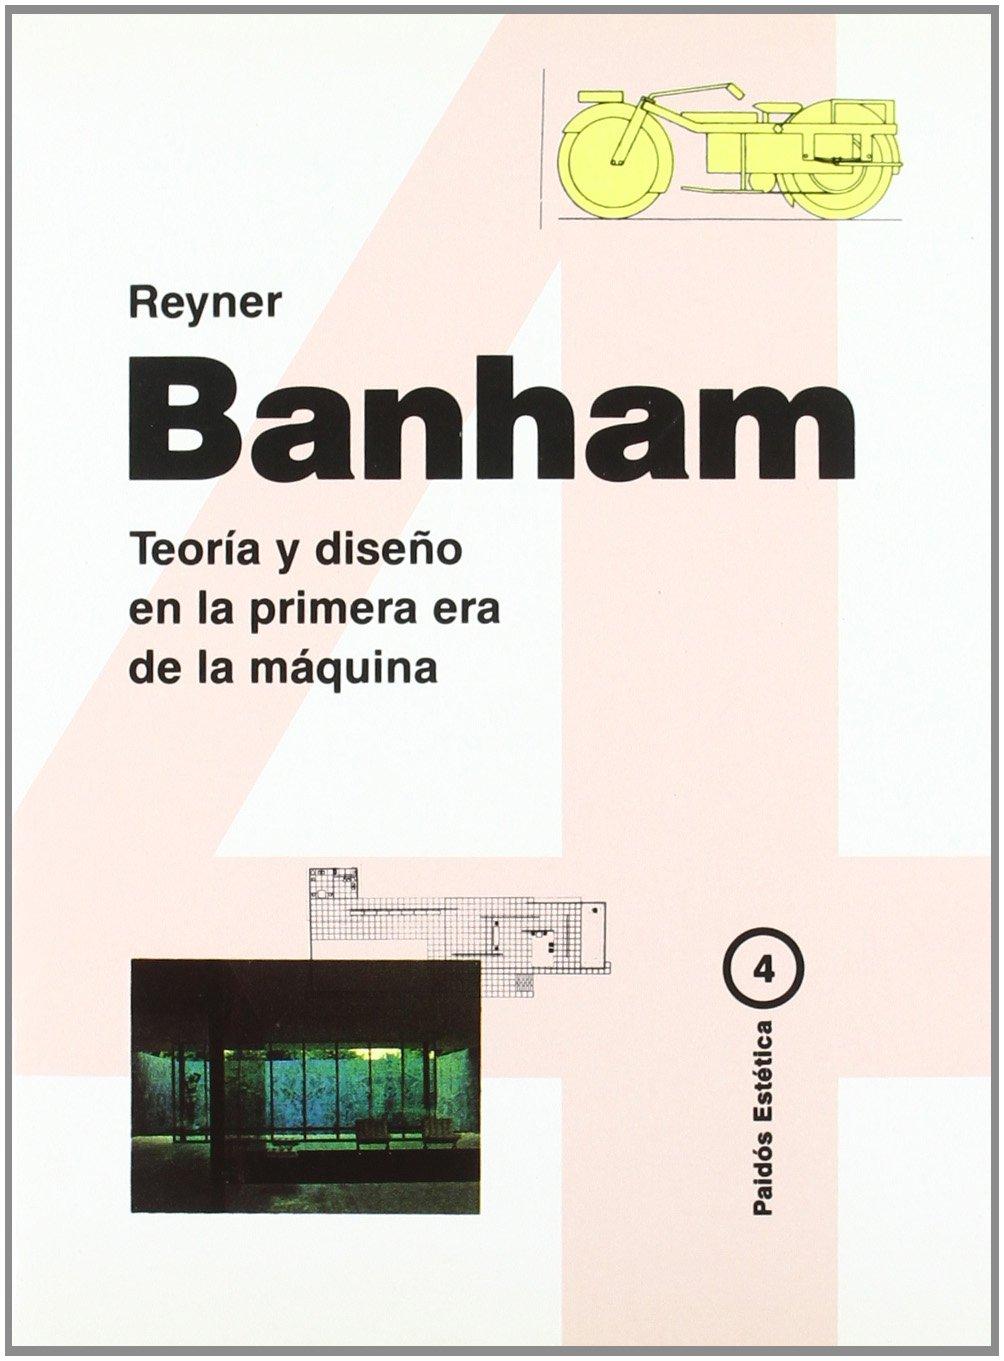 Teoría y diseño en la primera era de la máquina Estética: Amazon.es: Reyner Banham: Libros